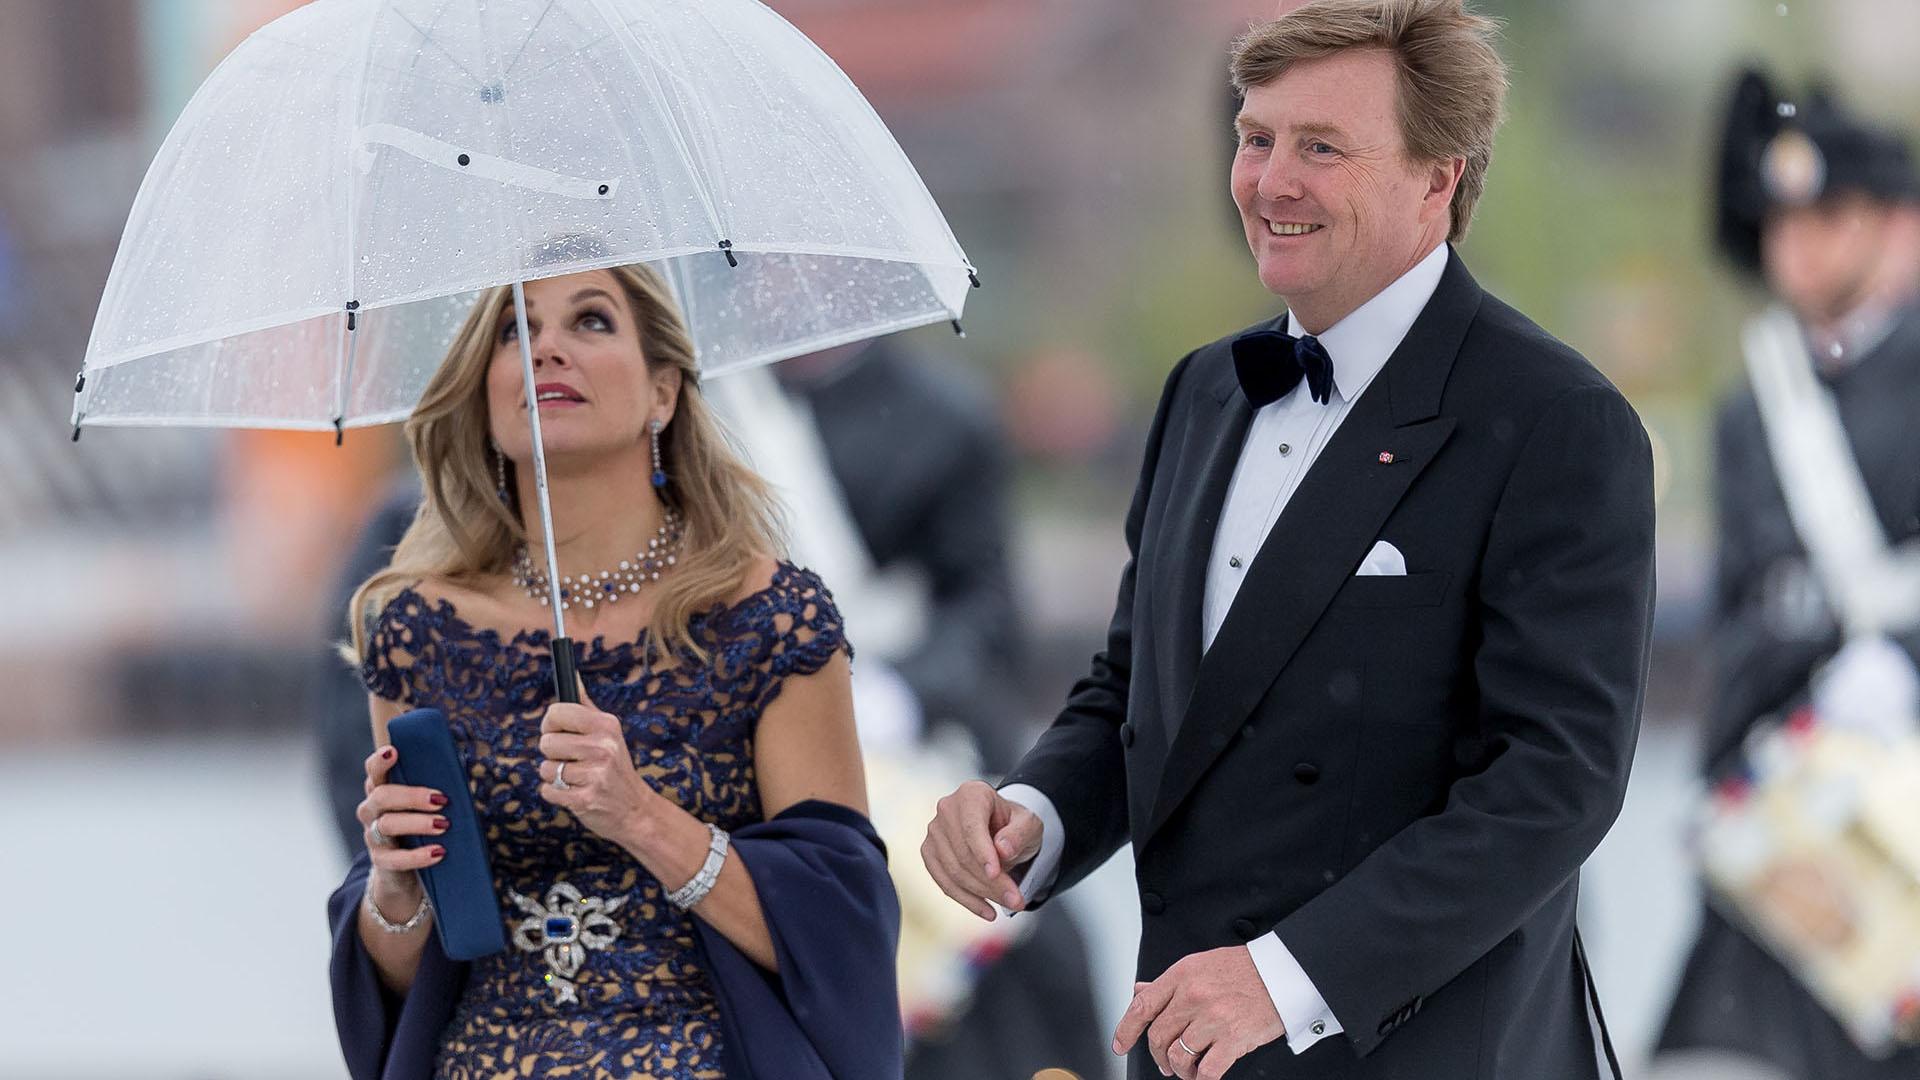 Al igual que el resto de los invitados, la reina de Holanda se refugió de la llovizna bajo un paraguas transparente